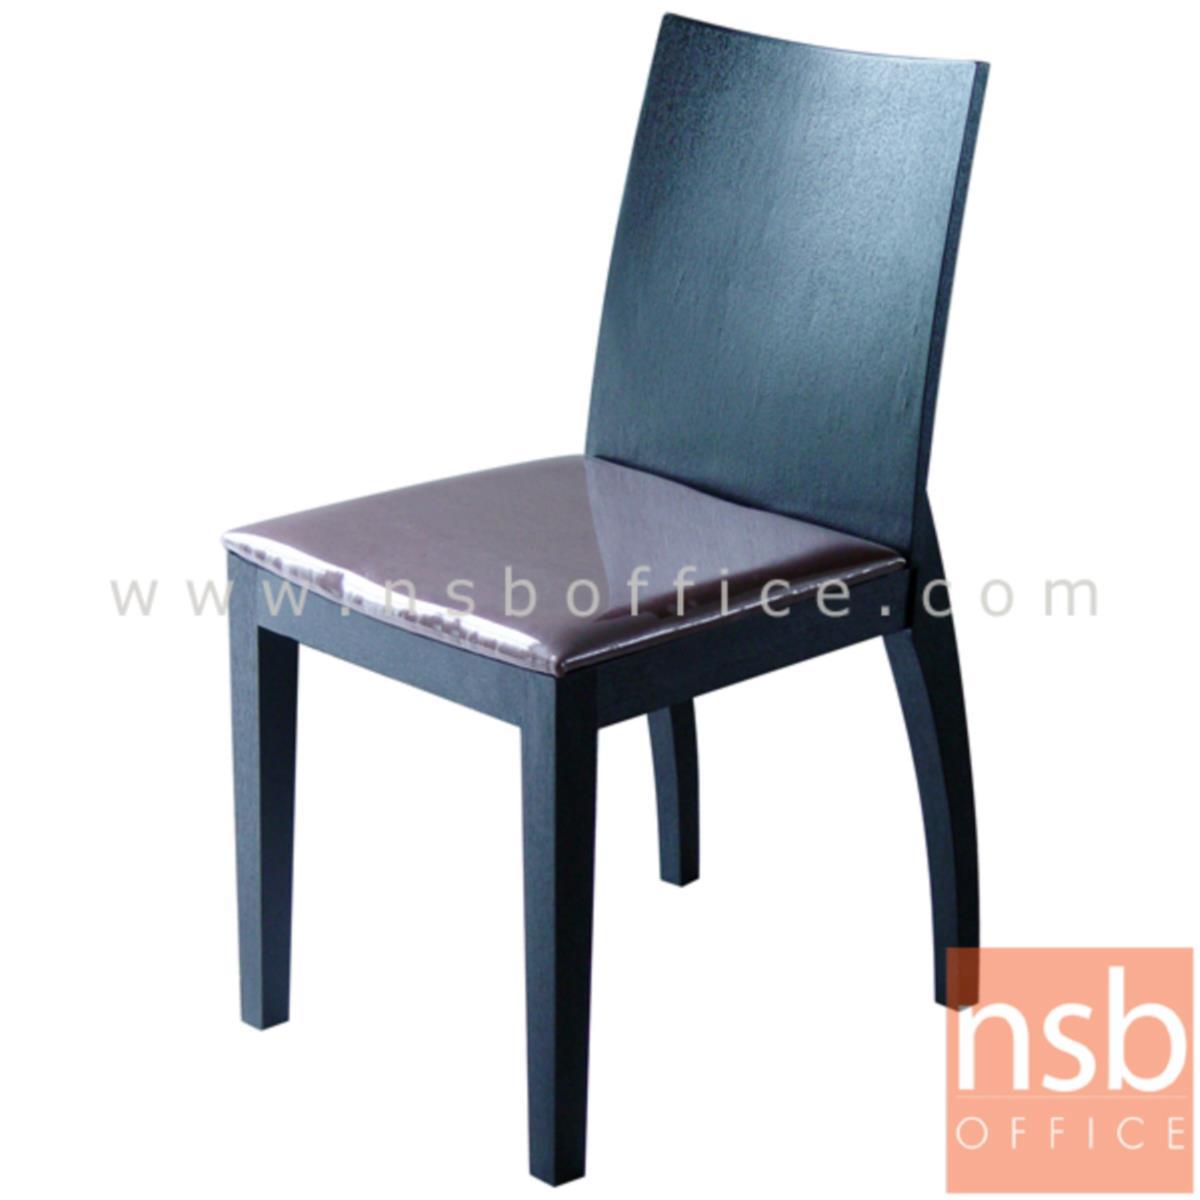 B22A137:เก้าอี้ไม้ยางพาราที่นั่งหุ้มหนังเทียม รุ่น Francesco (แฟรนเซสโก) ขาไม้